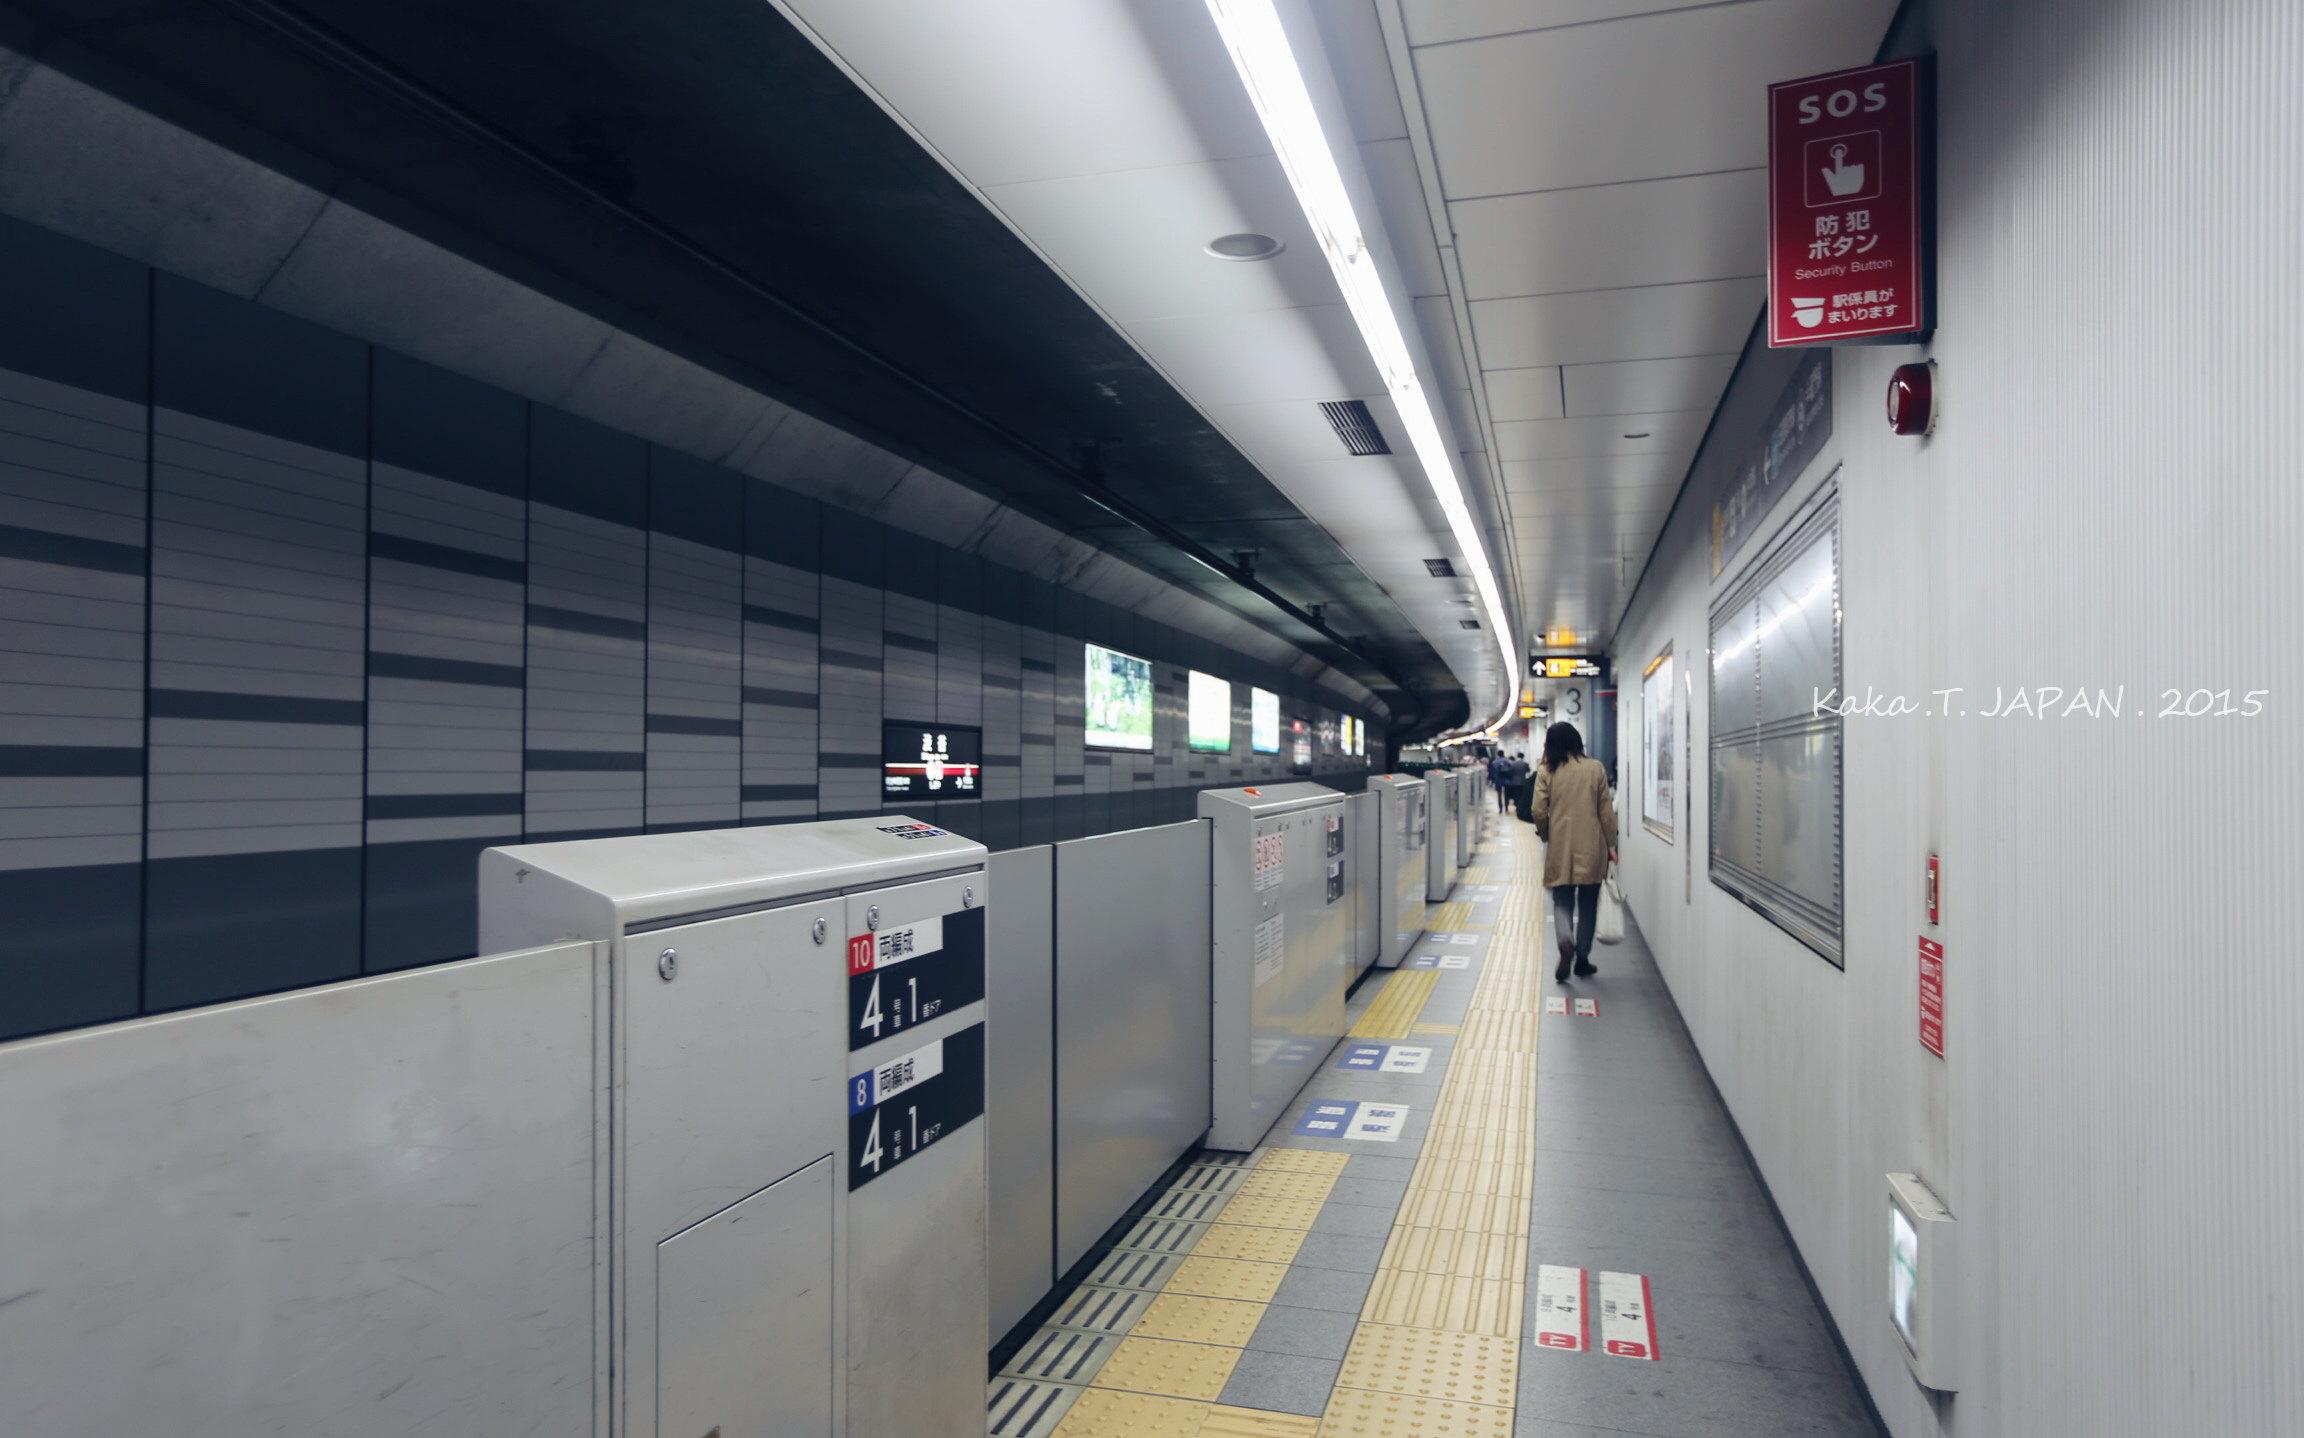 東京地鐵很安靜,比日本其他城市地鐵安靜,說話也是碎碎語.圖片